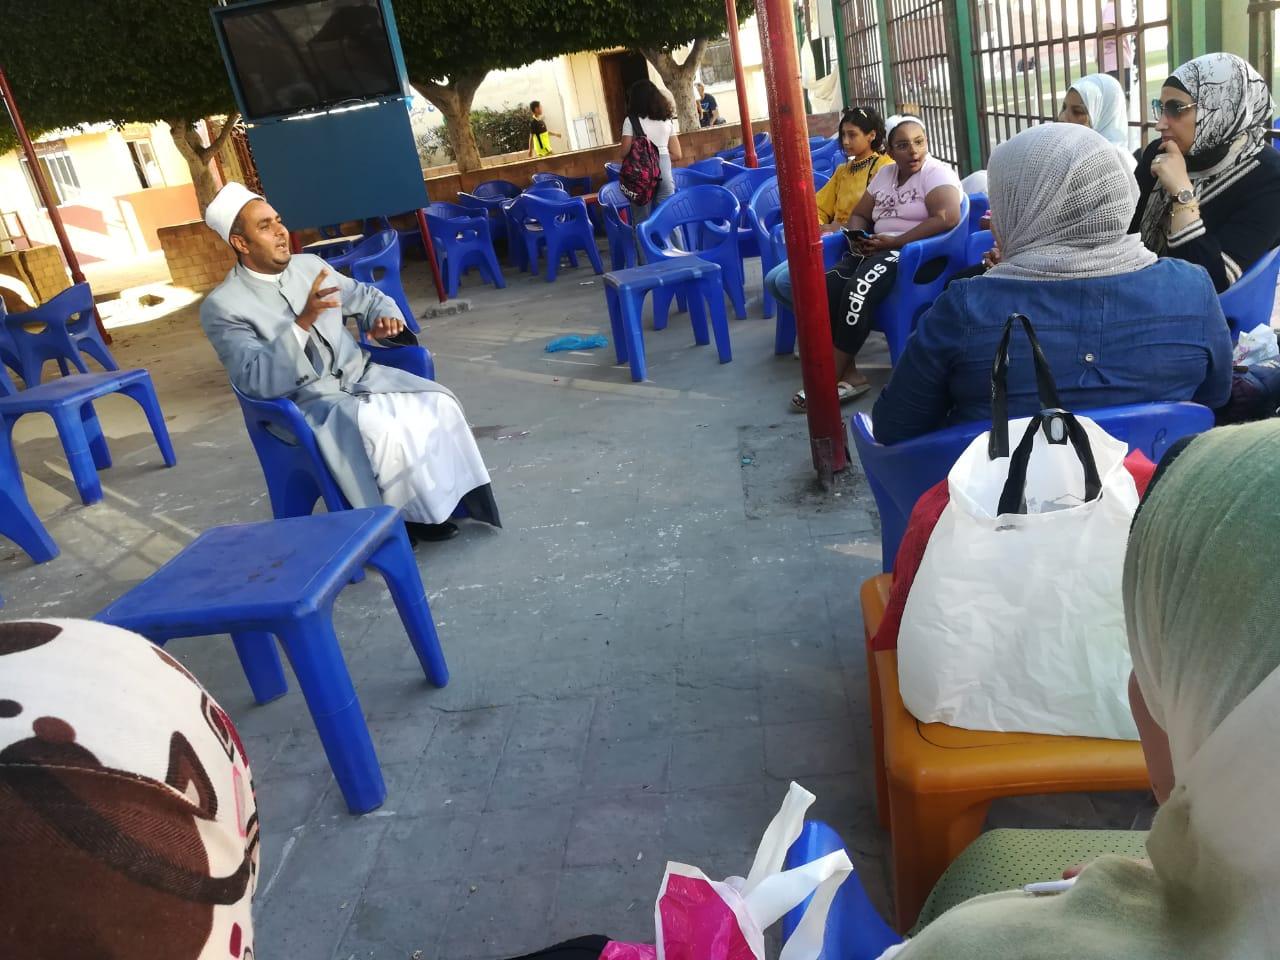 أمانة الدعوة بـ البحوث الإسلامية : تواجد مكثف لوعاظ الأزهر بمدن الجمهورية لدعم حملة الترابط الأسري